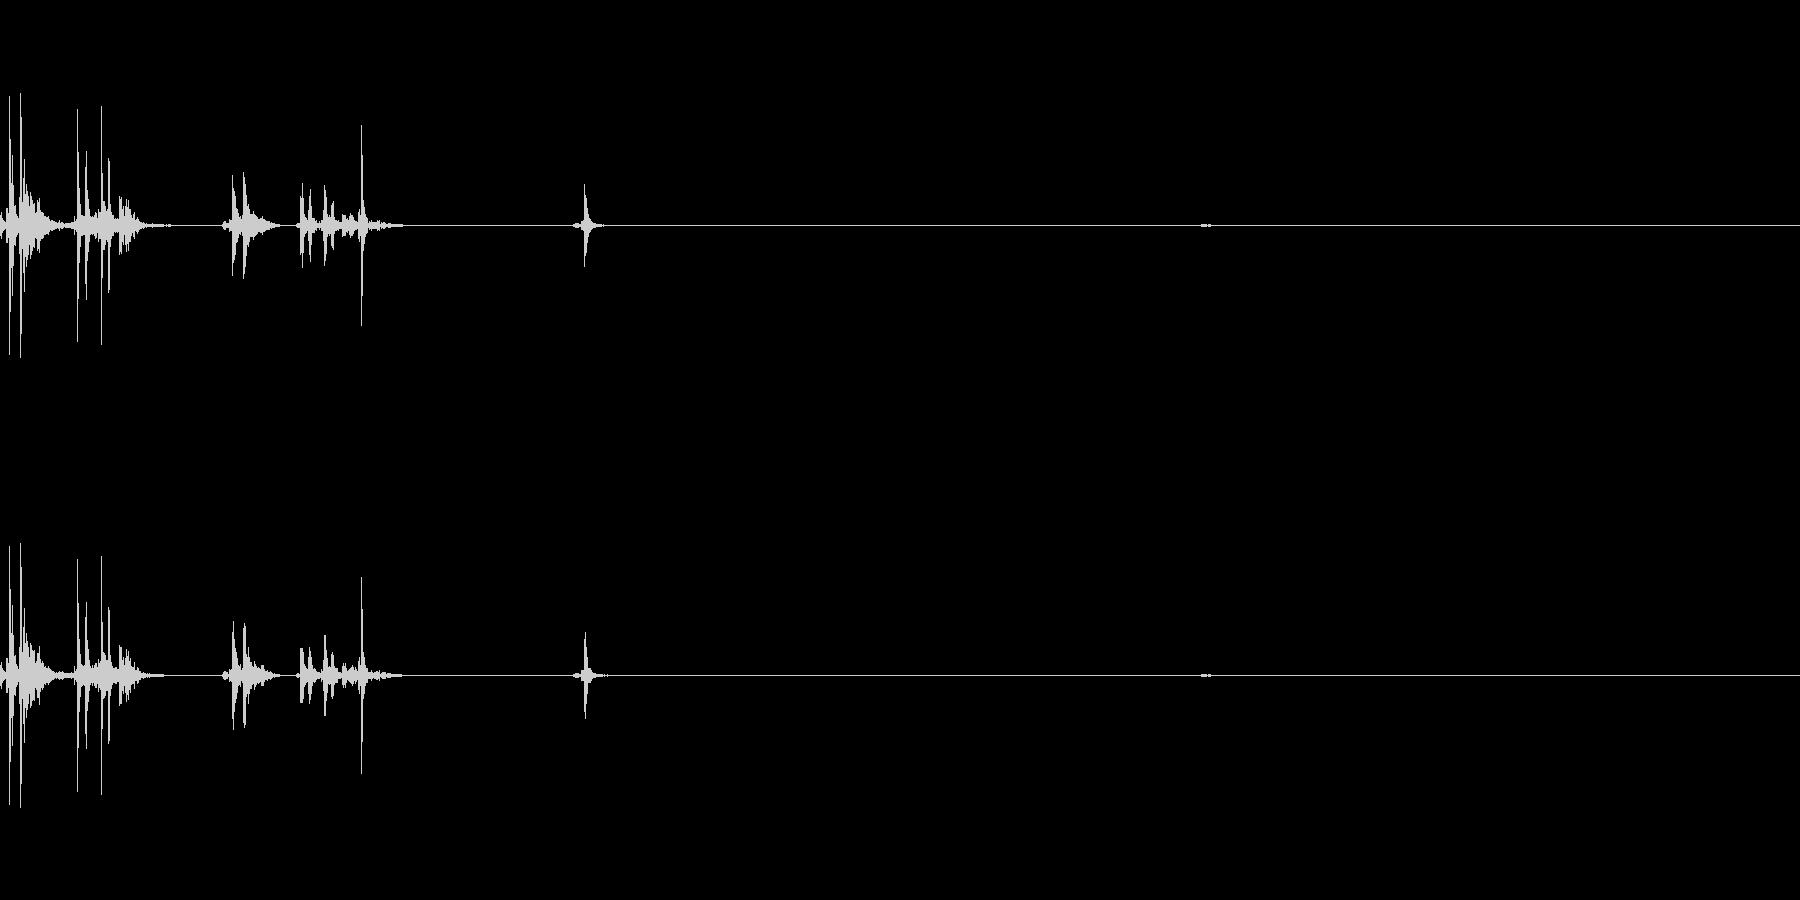 シャッター02(カシャカチ)Var2-3の未再生の波形